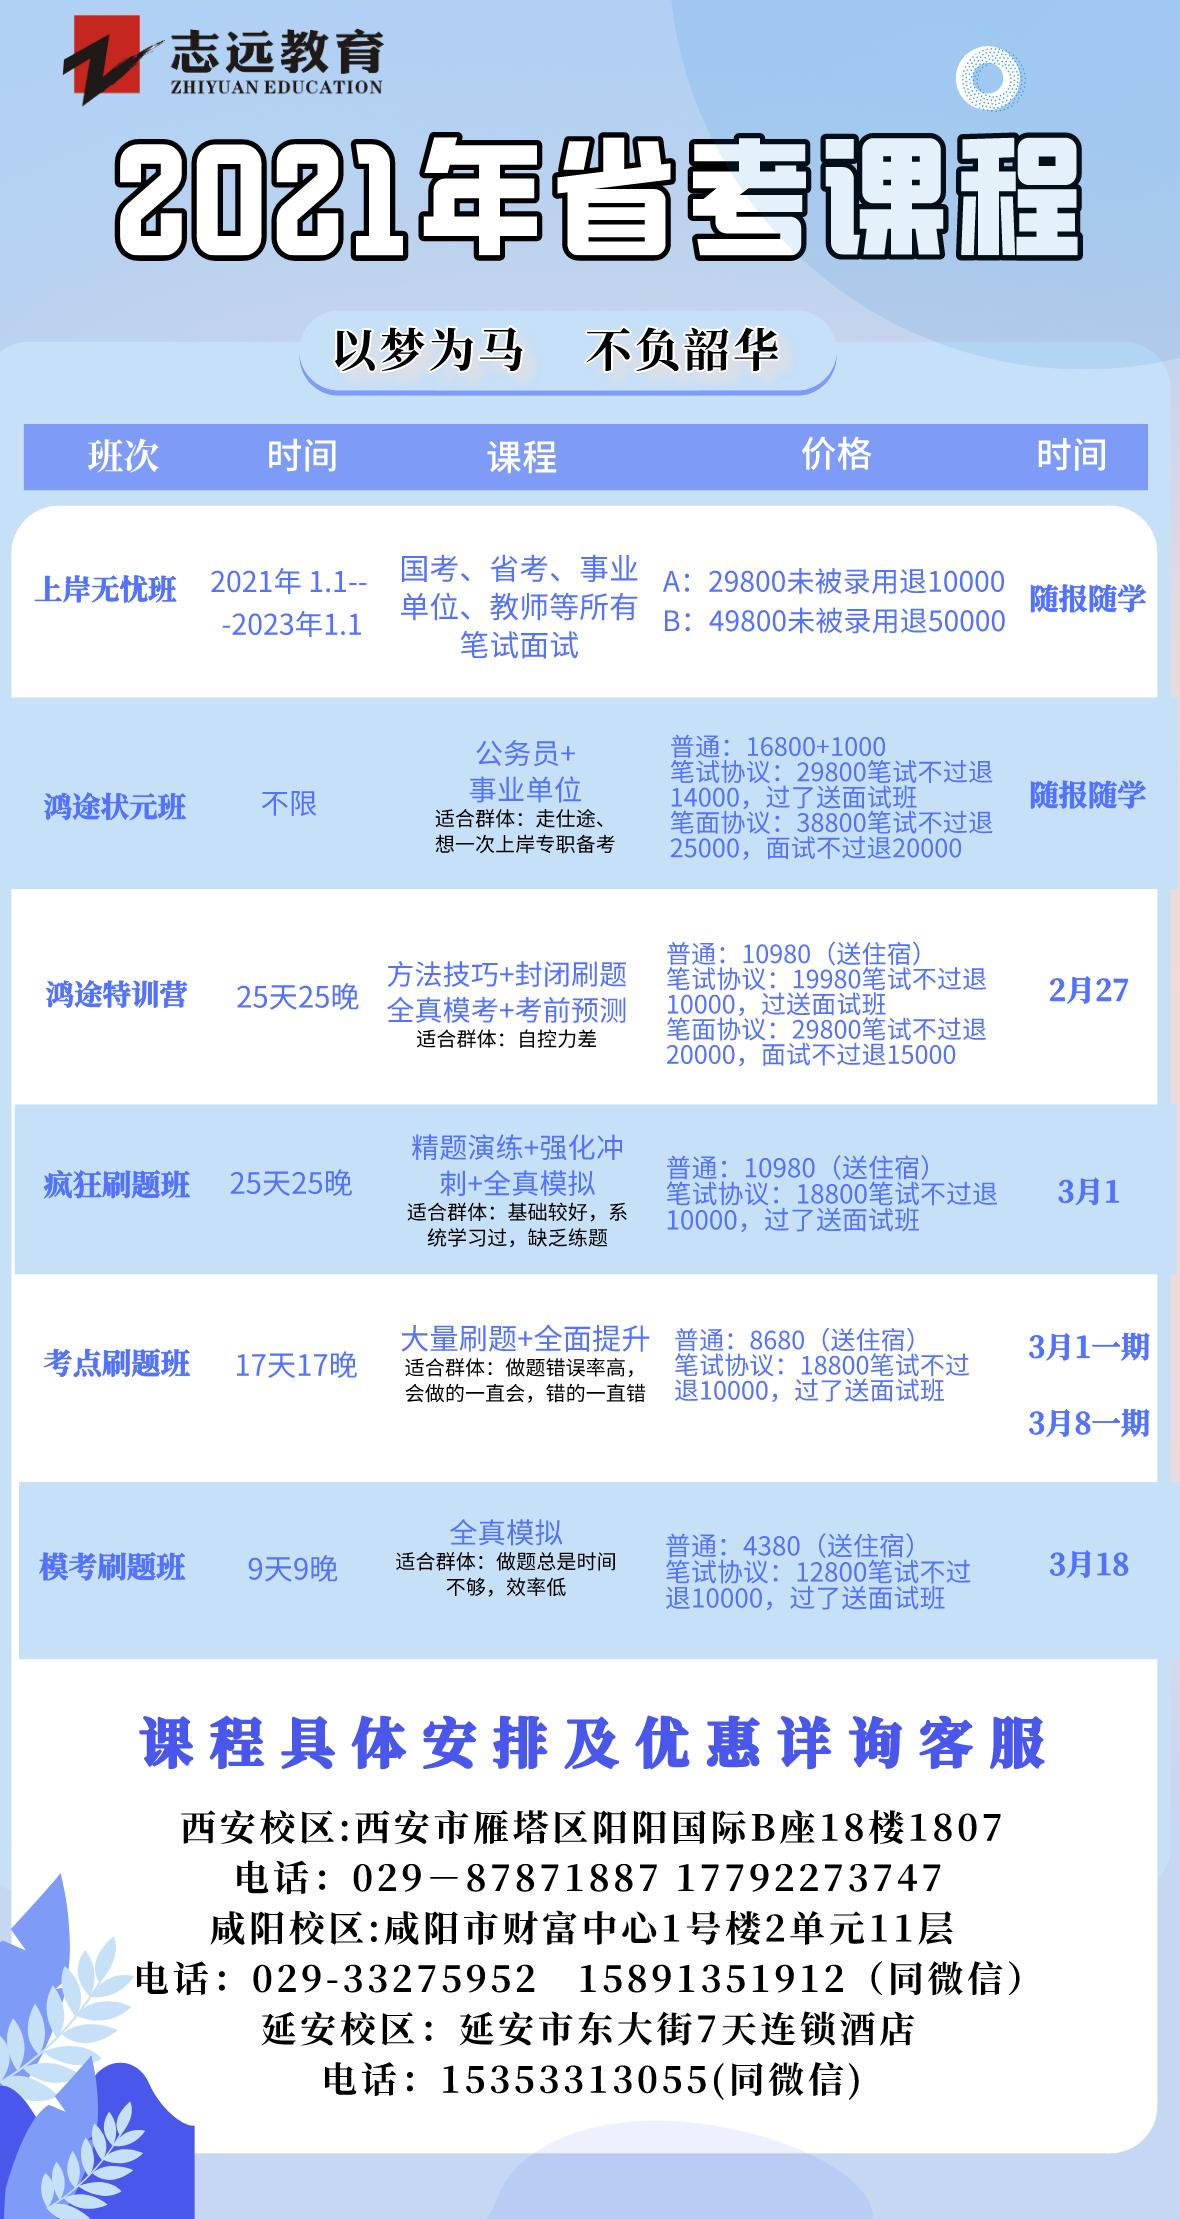 2021年陕西省考试录用公务员职位专业指导目录(修订)